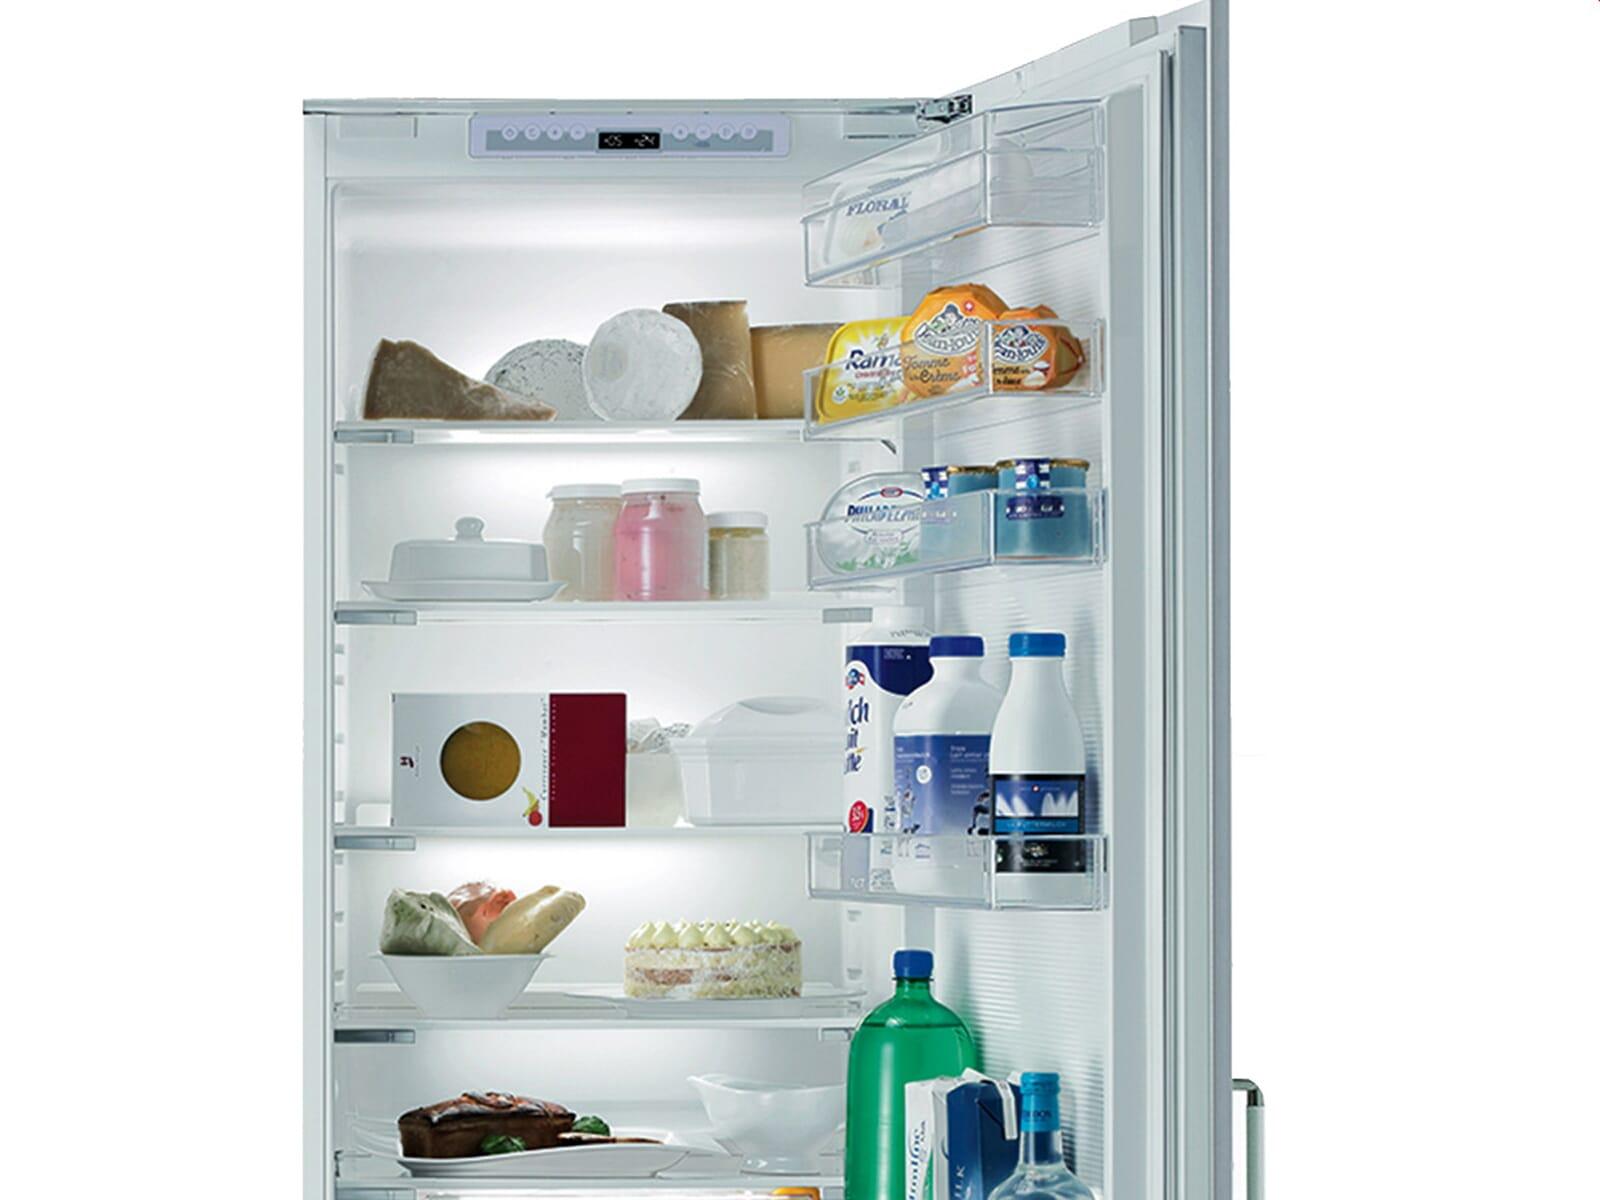 Smeg Kühlschrank Abtauen : Kühlschrank bedienungsanleitung v zug prestige hashimoto